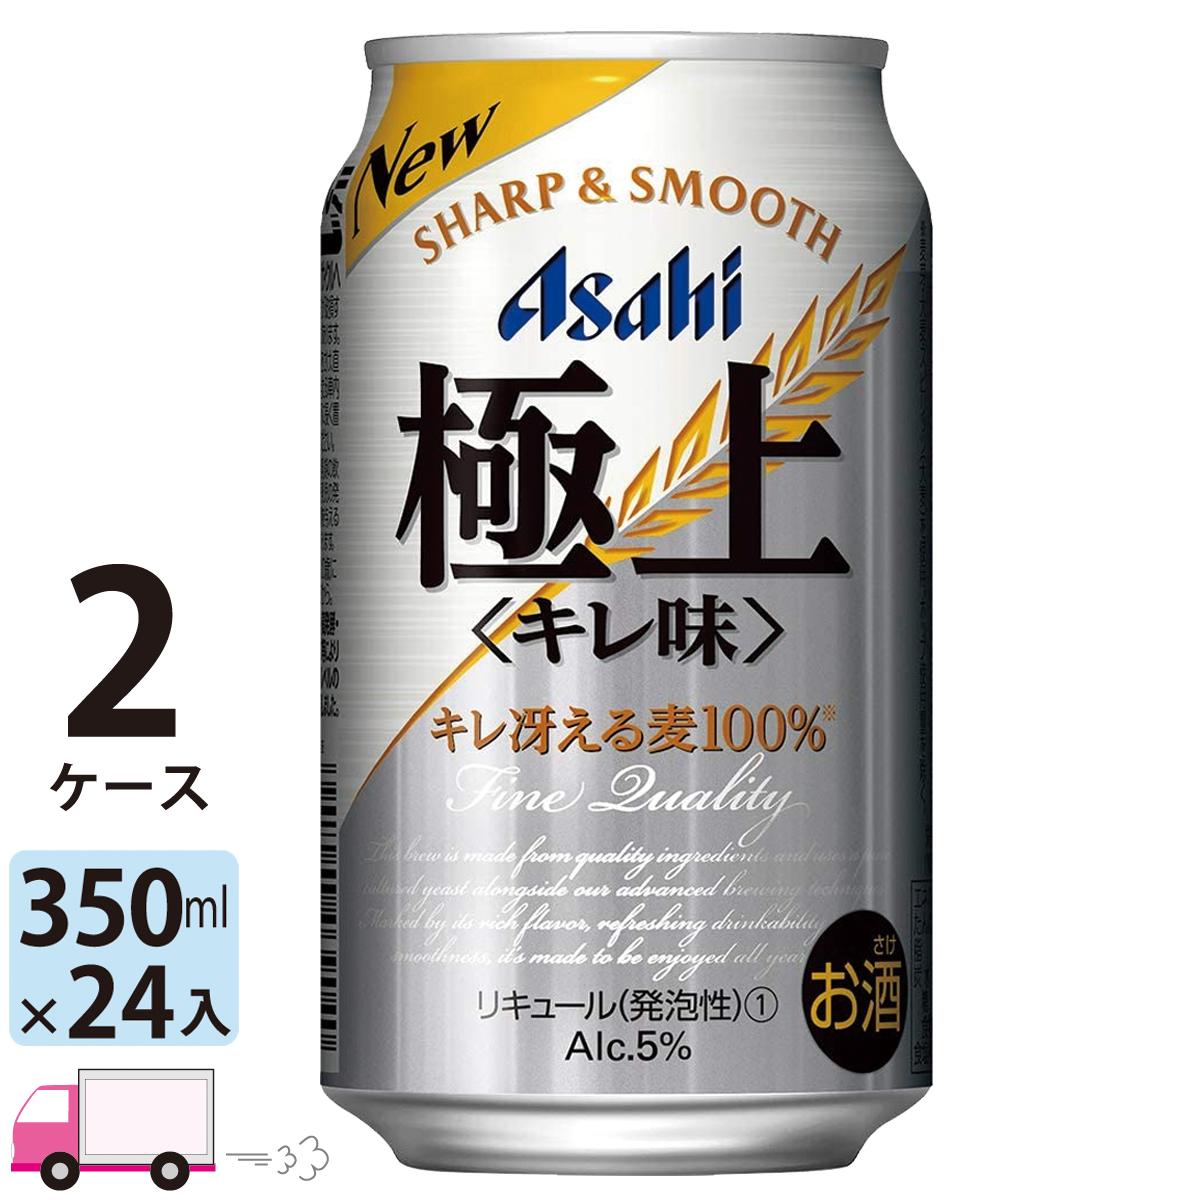 冴えるシャープなキレと麦100%の飲みごたえを楽しめる本格新ジャンル。 送料無料 アサヒ ビール 極上 キレ味 350ml 24缶入 2ケース (48本)